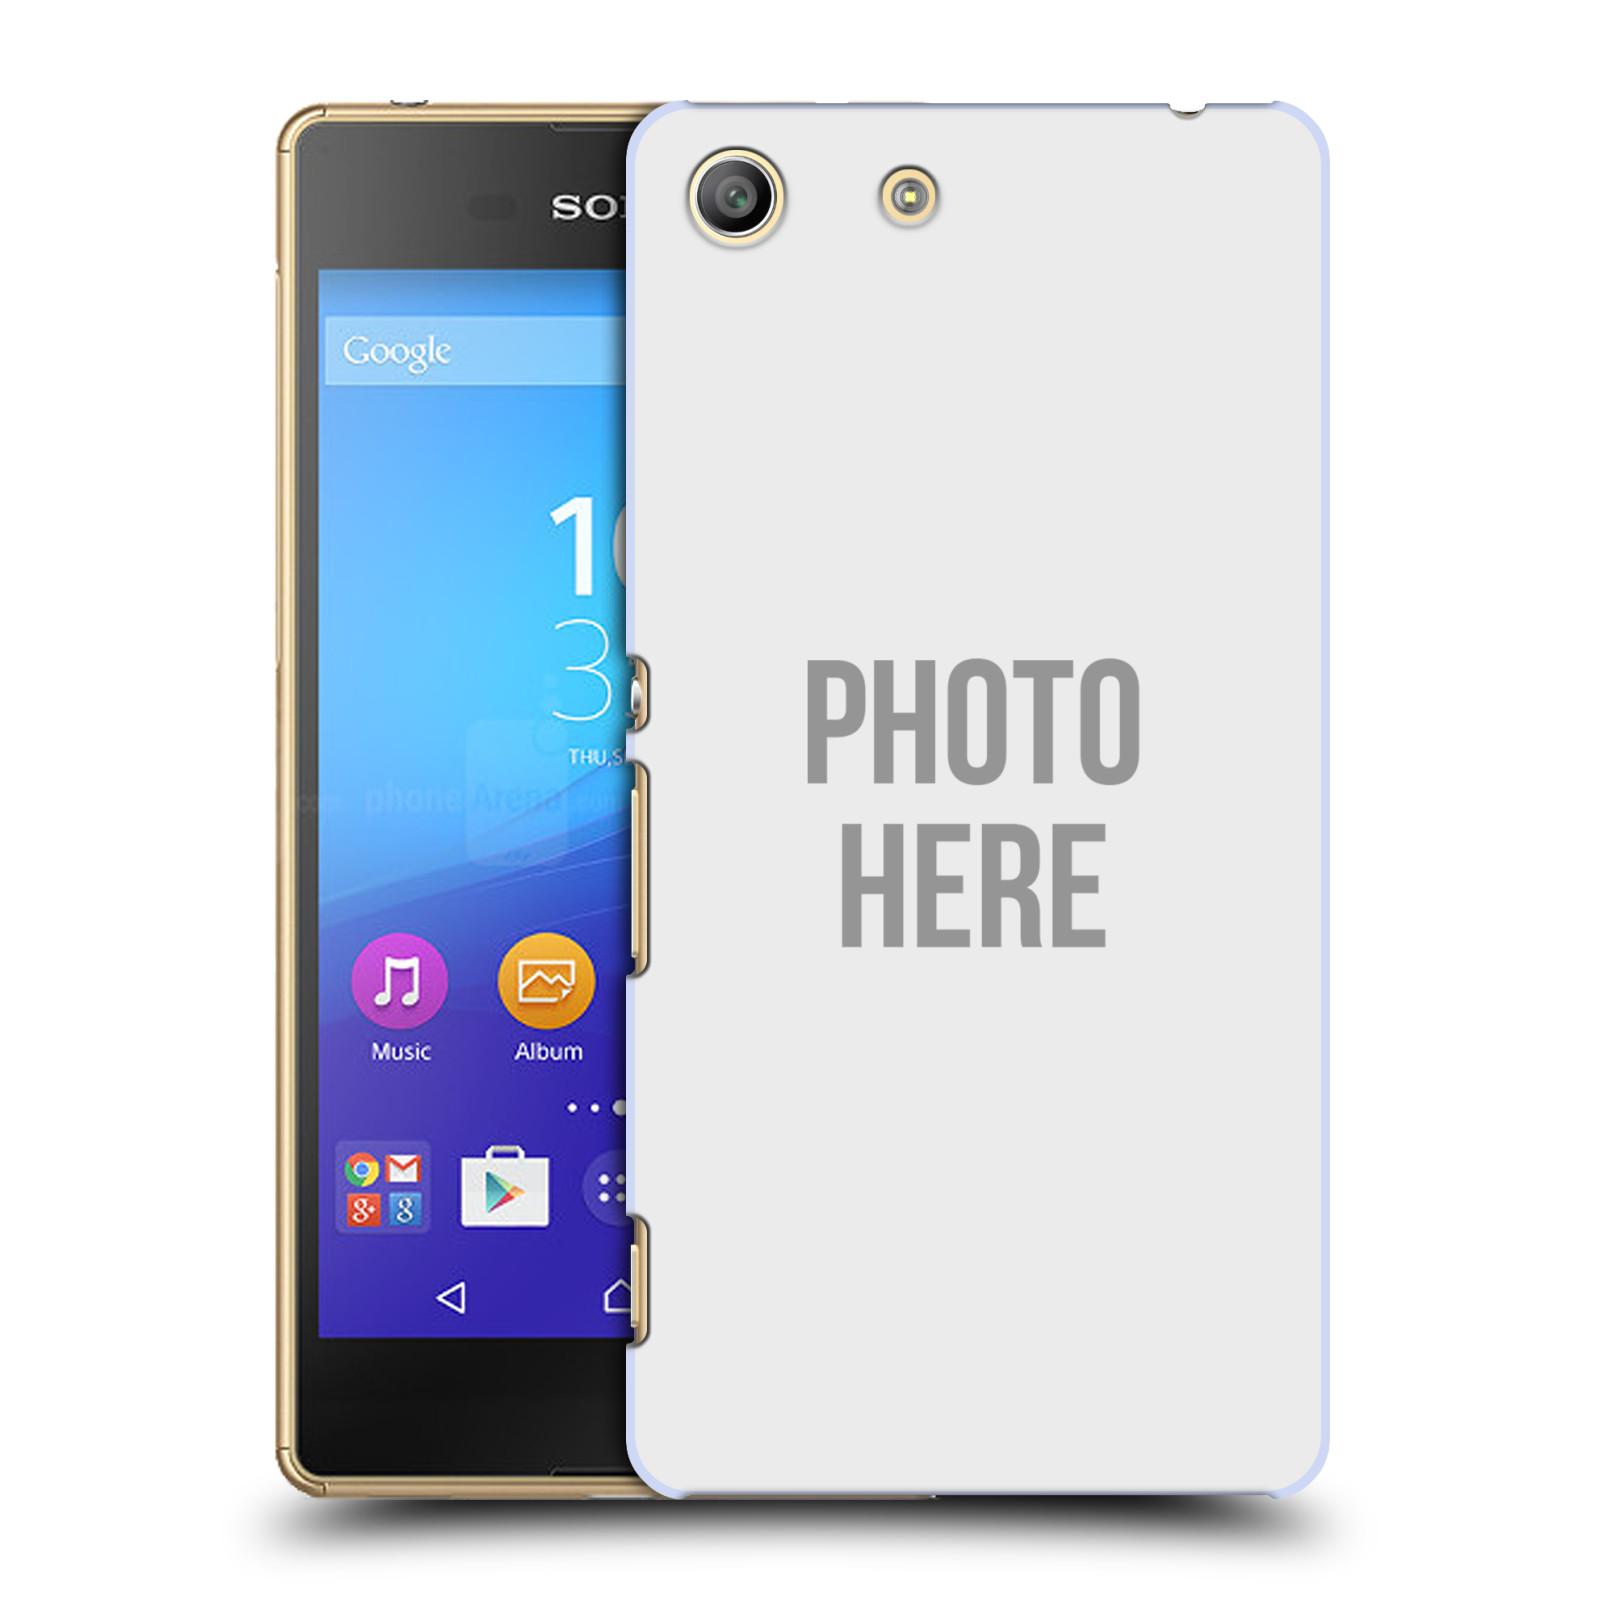 Silikonové pouzdro na mobil Sony Xperia M5 HEAD CASE s vlastním motivem (Silikonový kryt či obal s vlastní fotografií na mobilní telefon Sony Xperia M5 Dual SIM / Aqua)